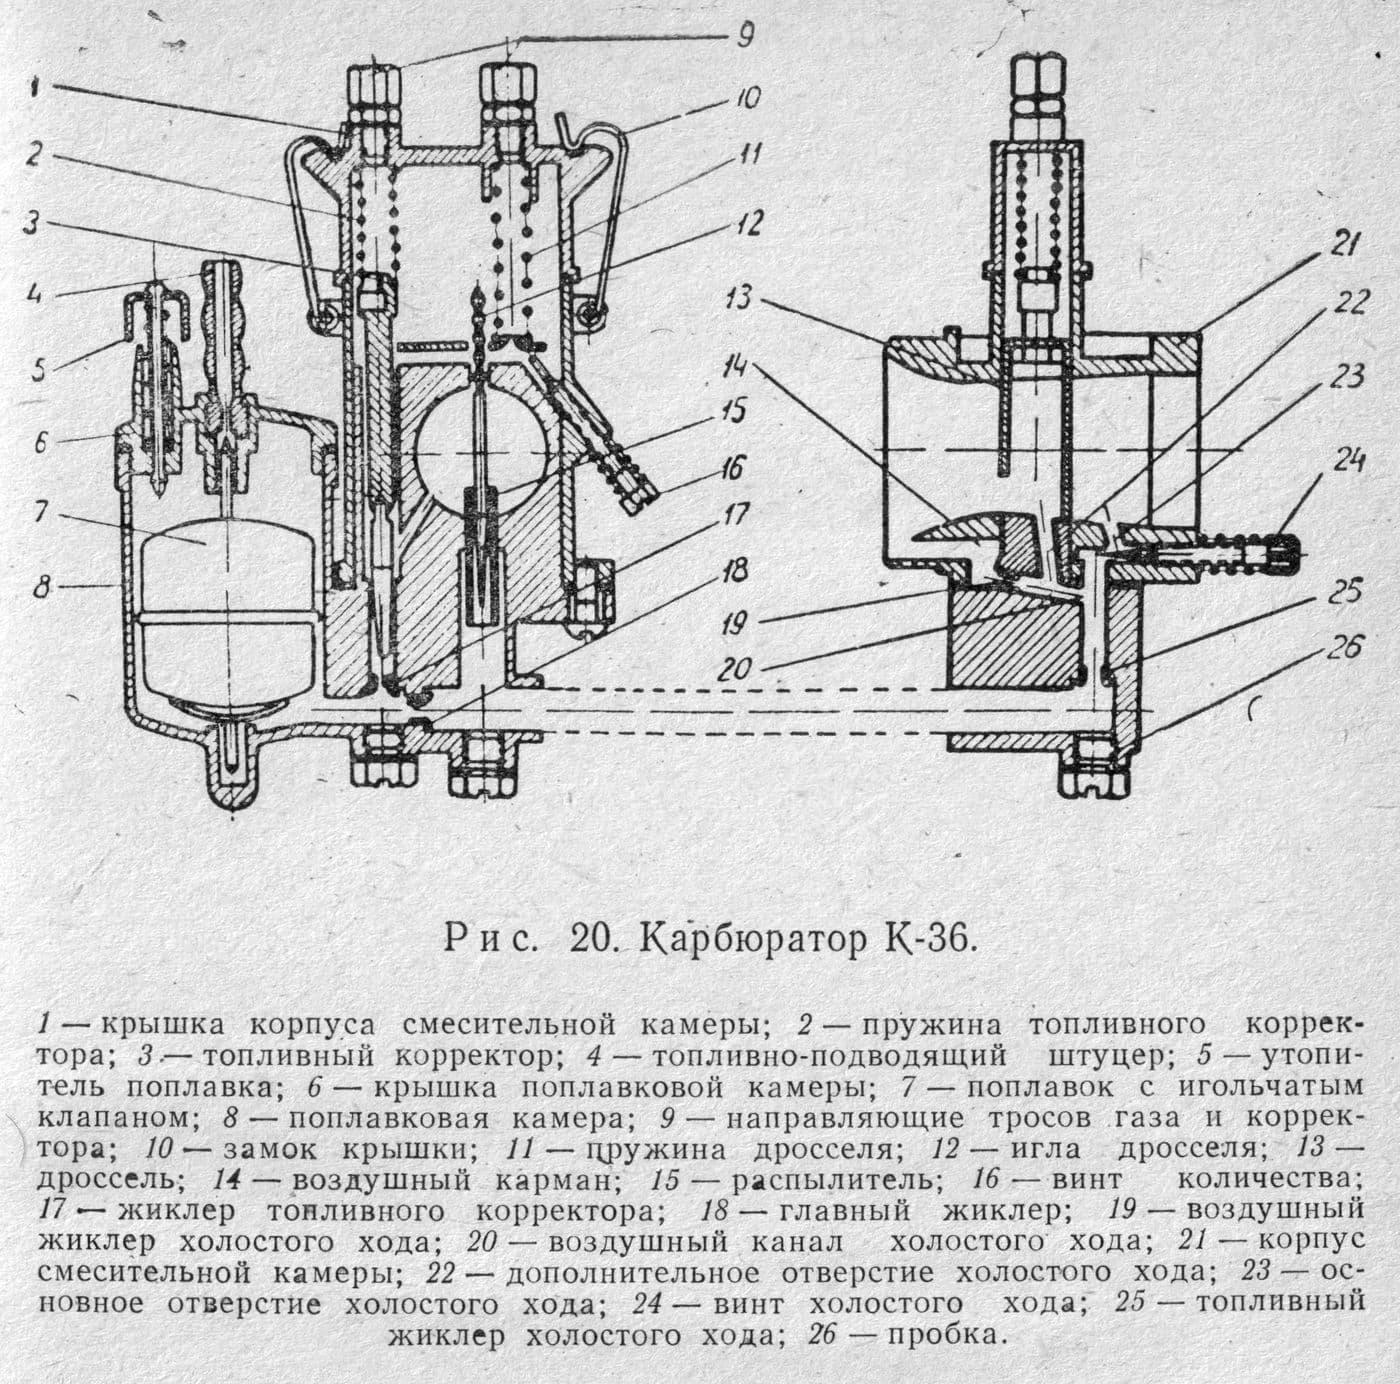 Мотоциклетный карбюратор К-36 (ИЖ)